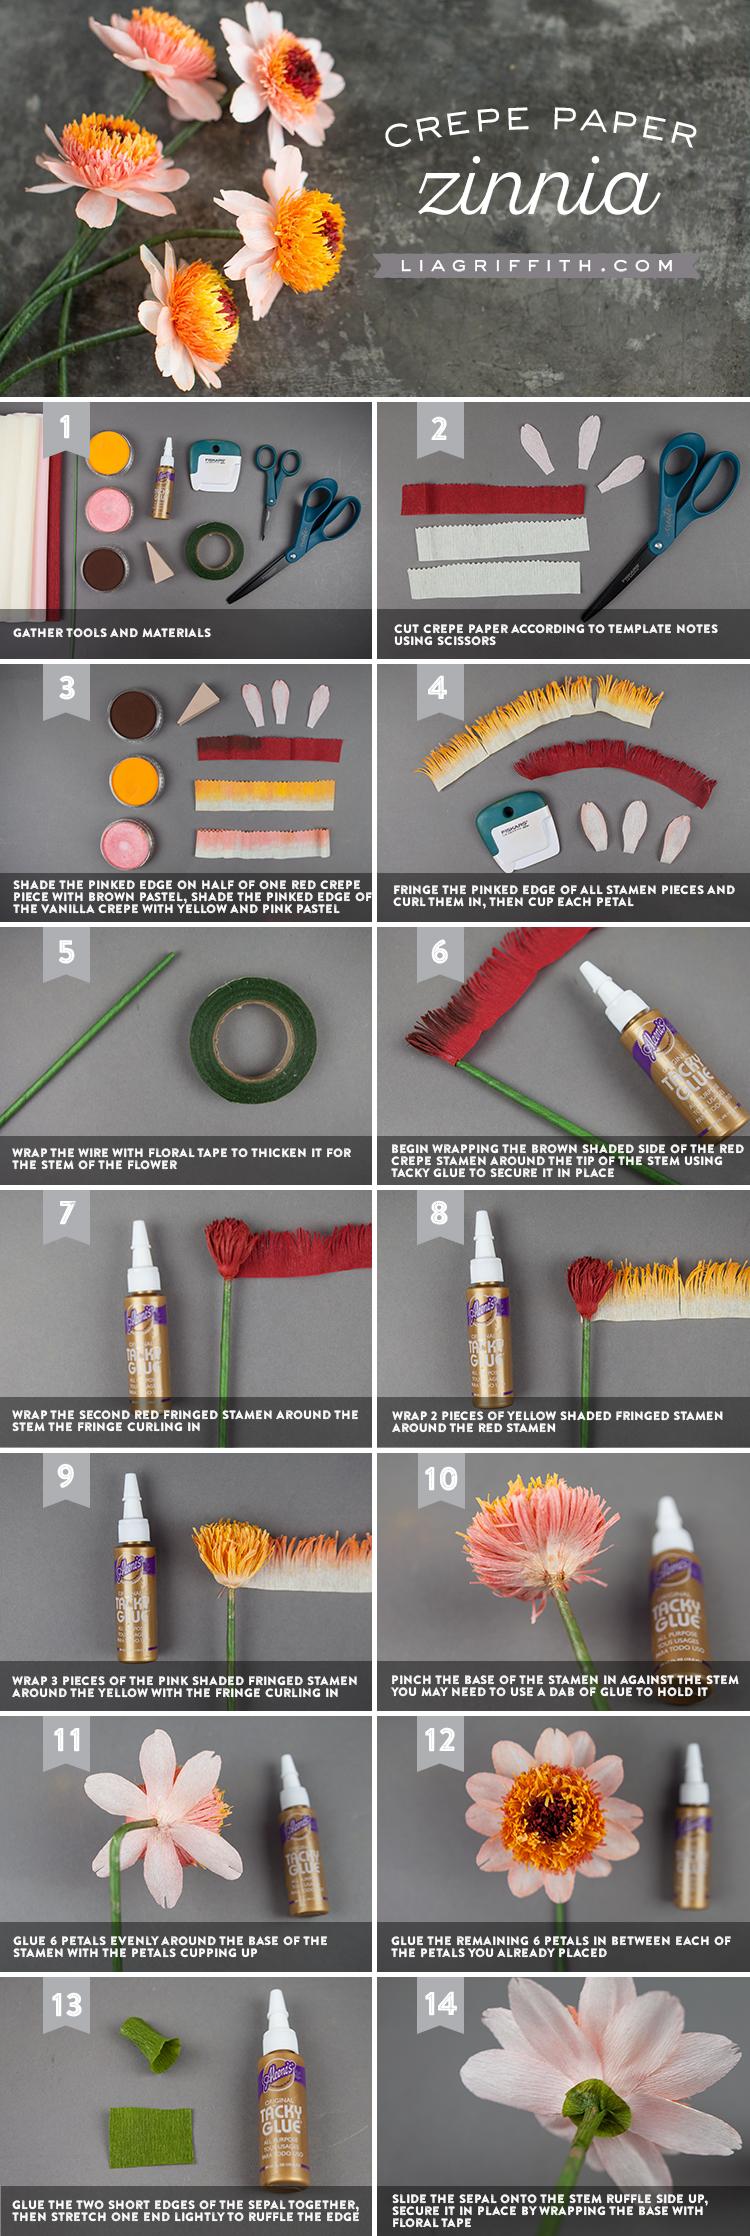 crepe paper zinnia tutorial